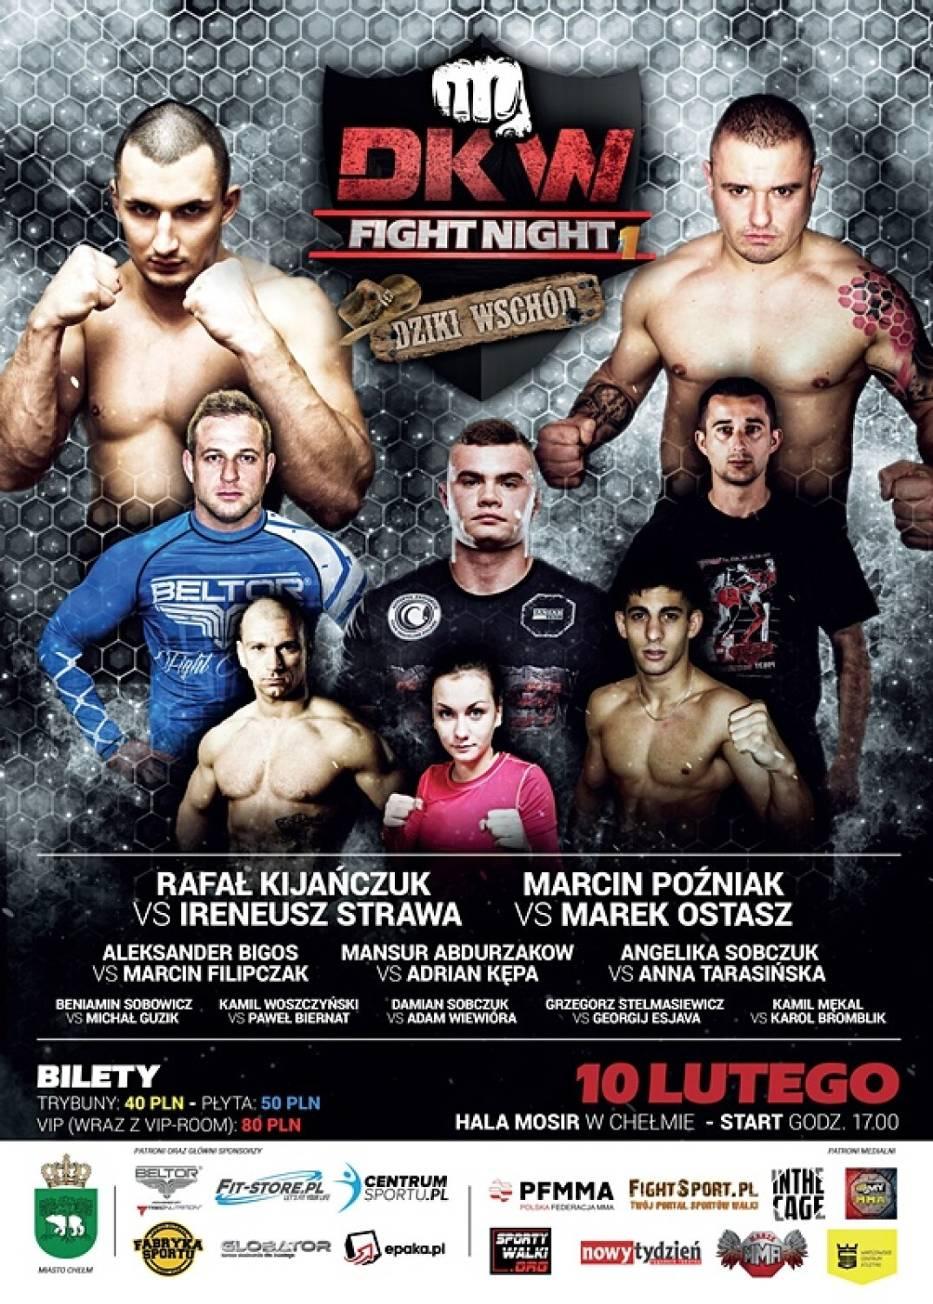 Chełm. Wyjątkowe wydarzenie sportowe DKW Fight Night 1 Dziki Wschód